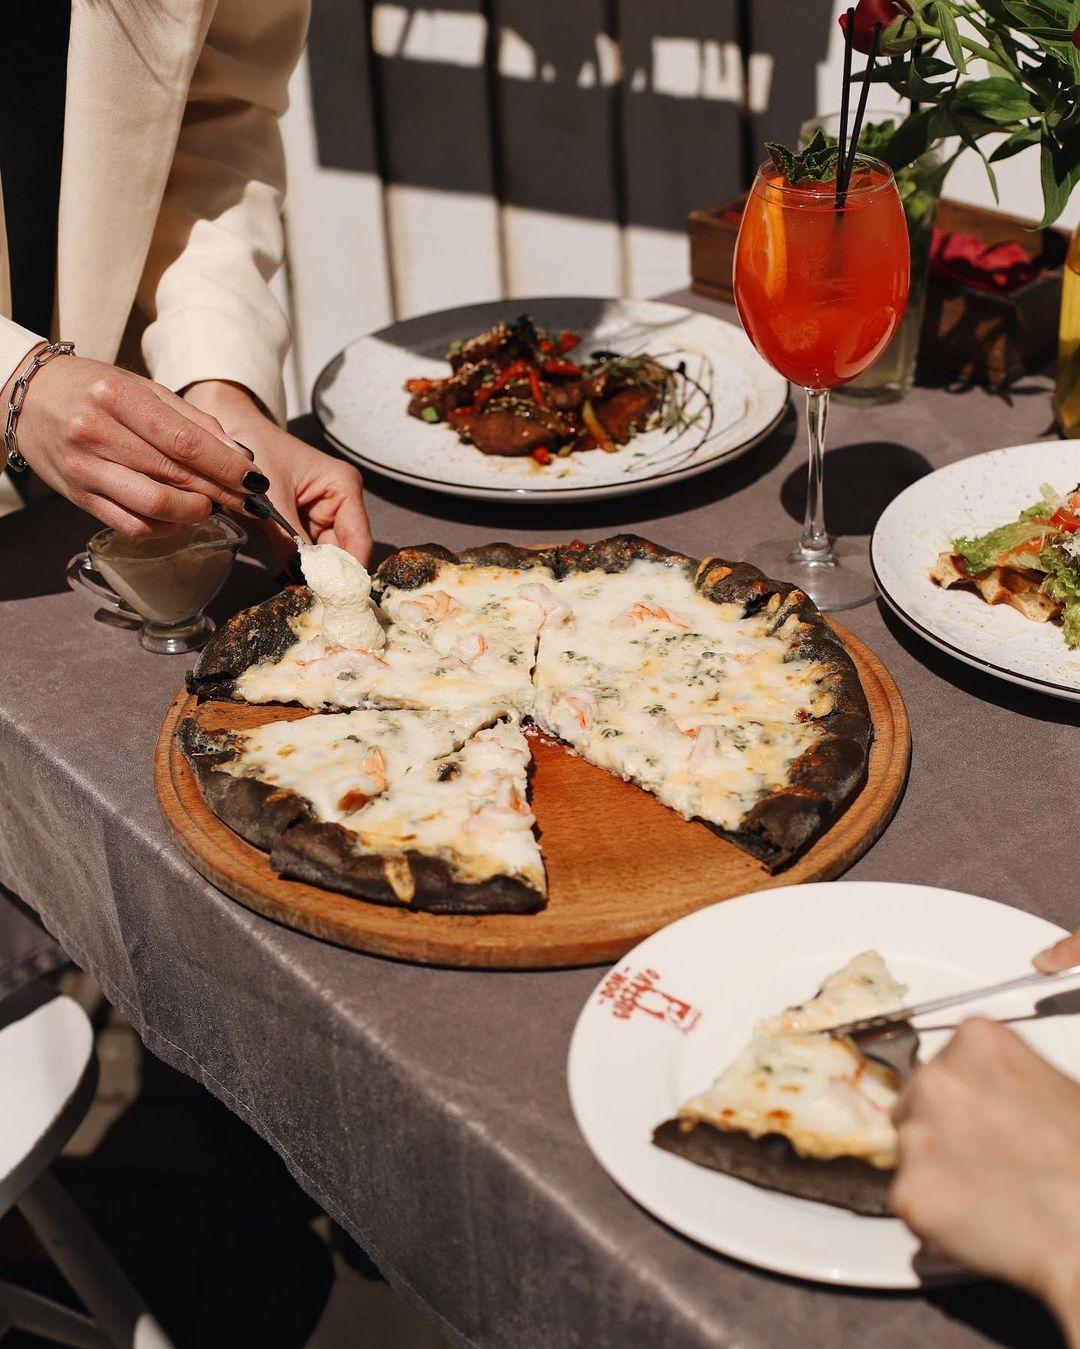 Романтична вечеря в ресторані італійської кухні